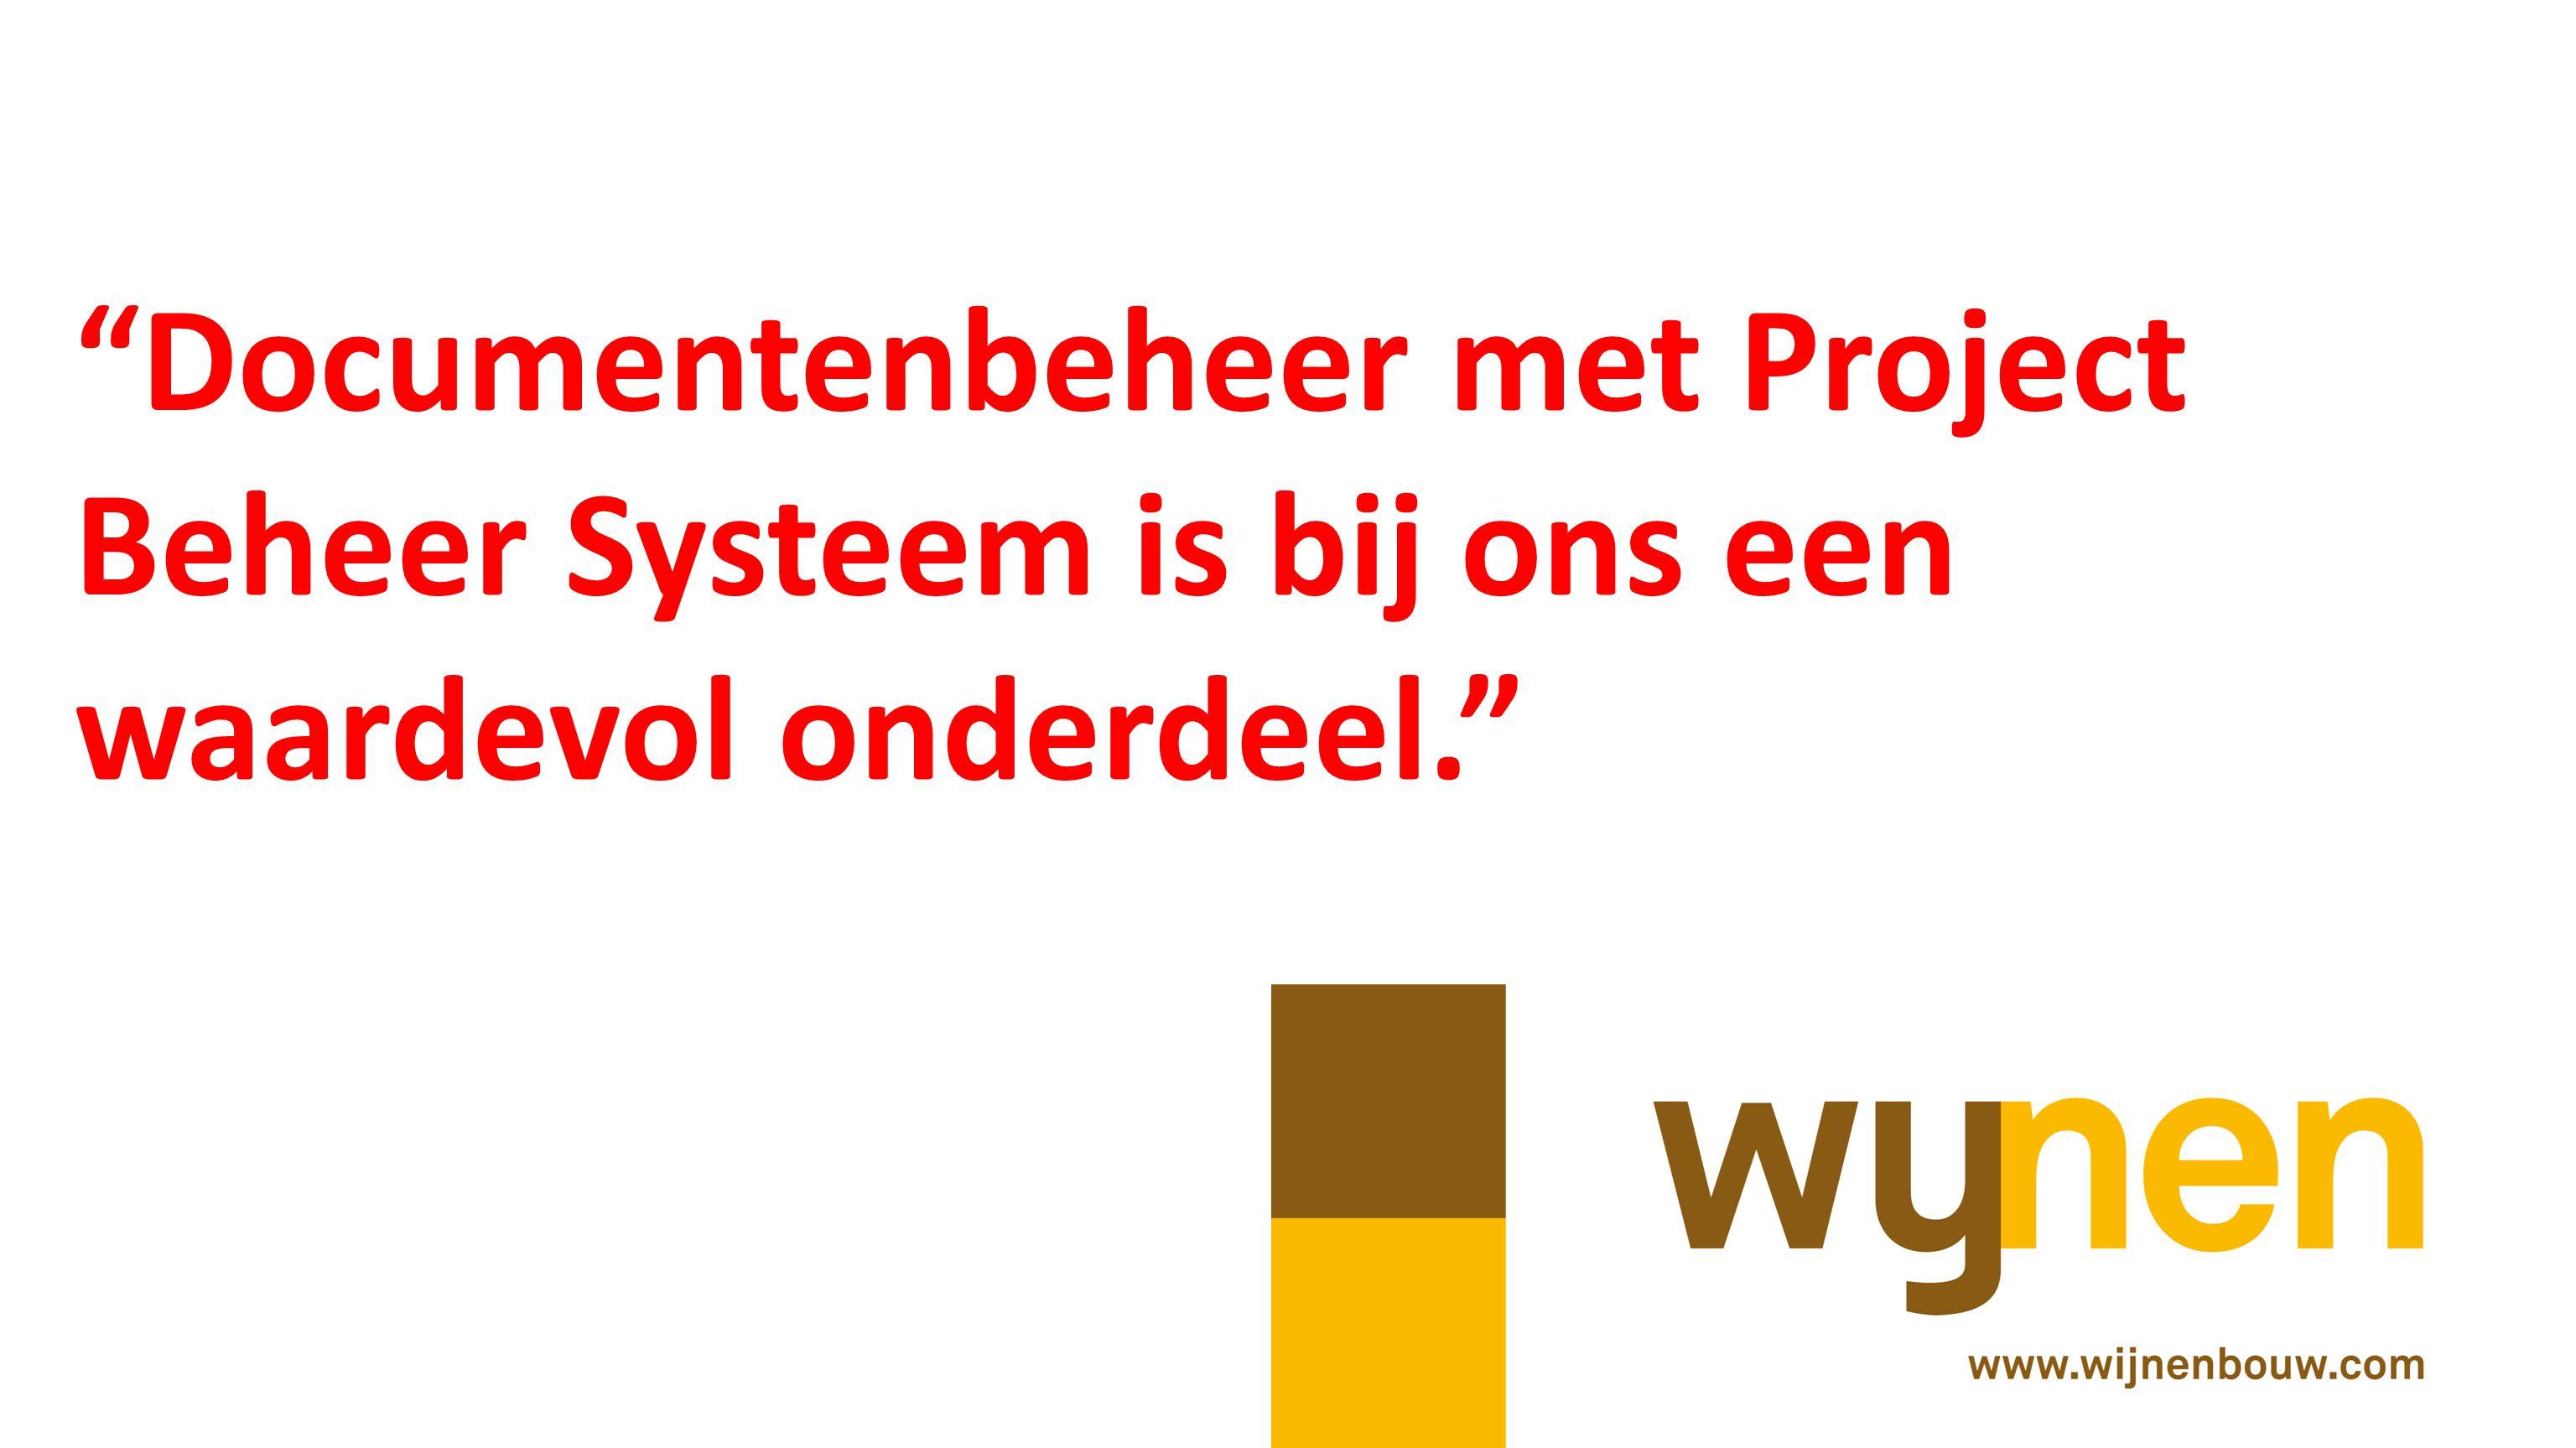 Documentenbeheer met Project Beheer Systeem is bij ons een waardevol onderdeel.